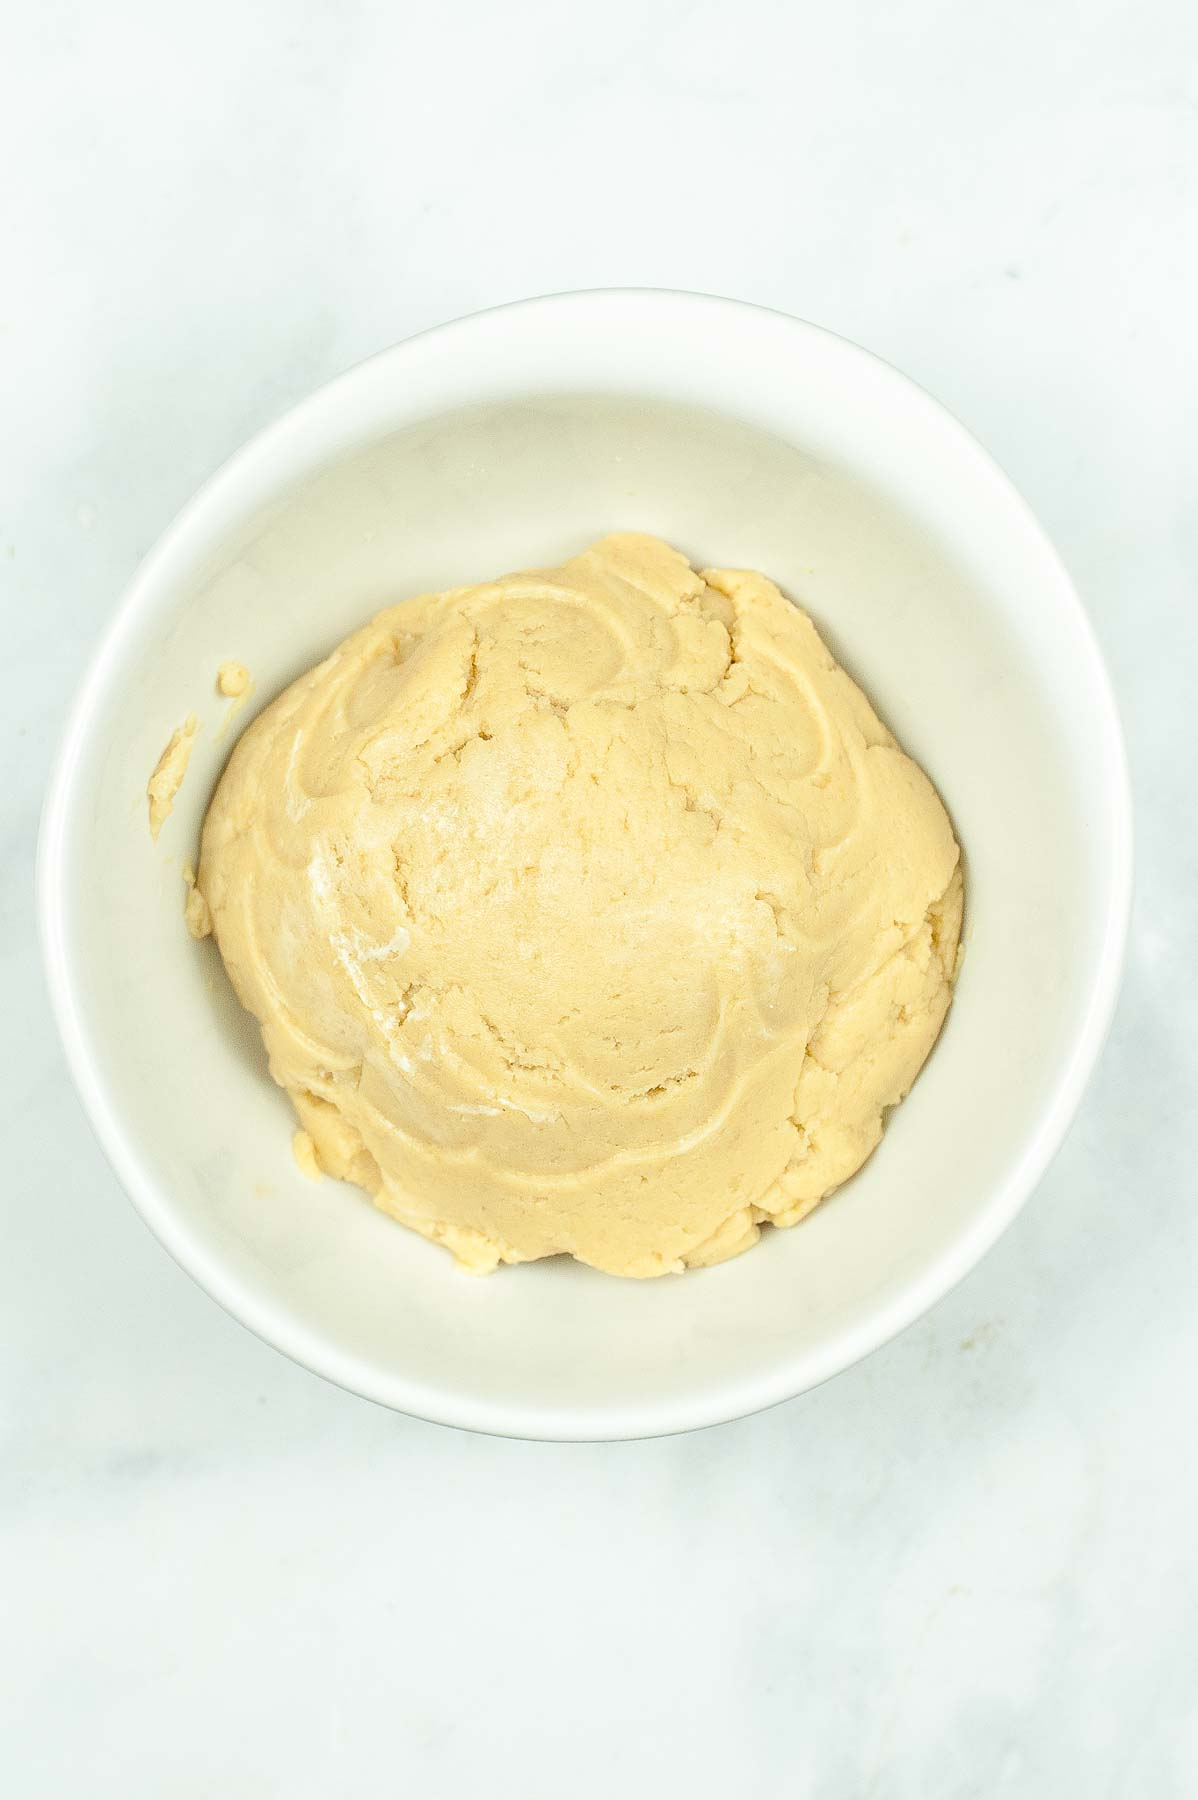 cake dough ready to make cake pops